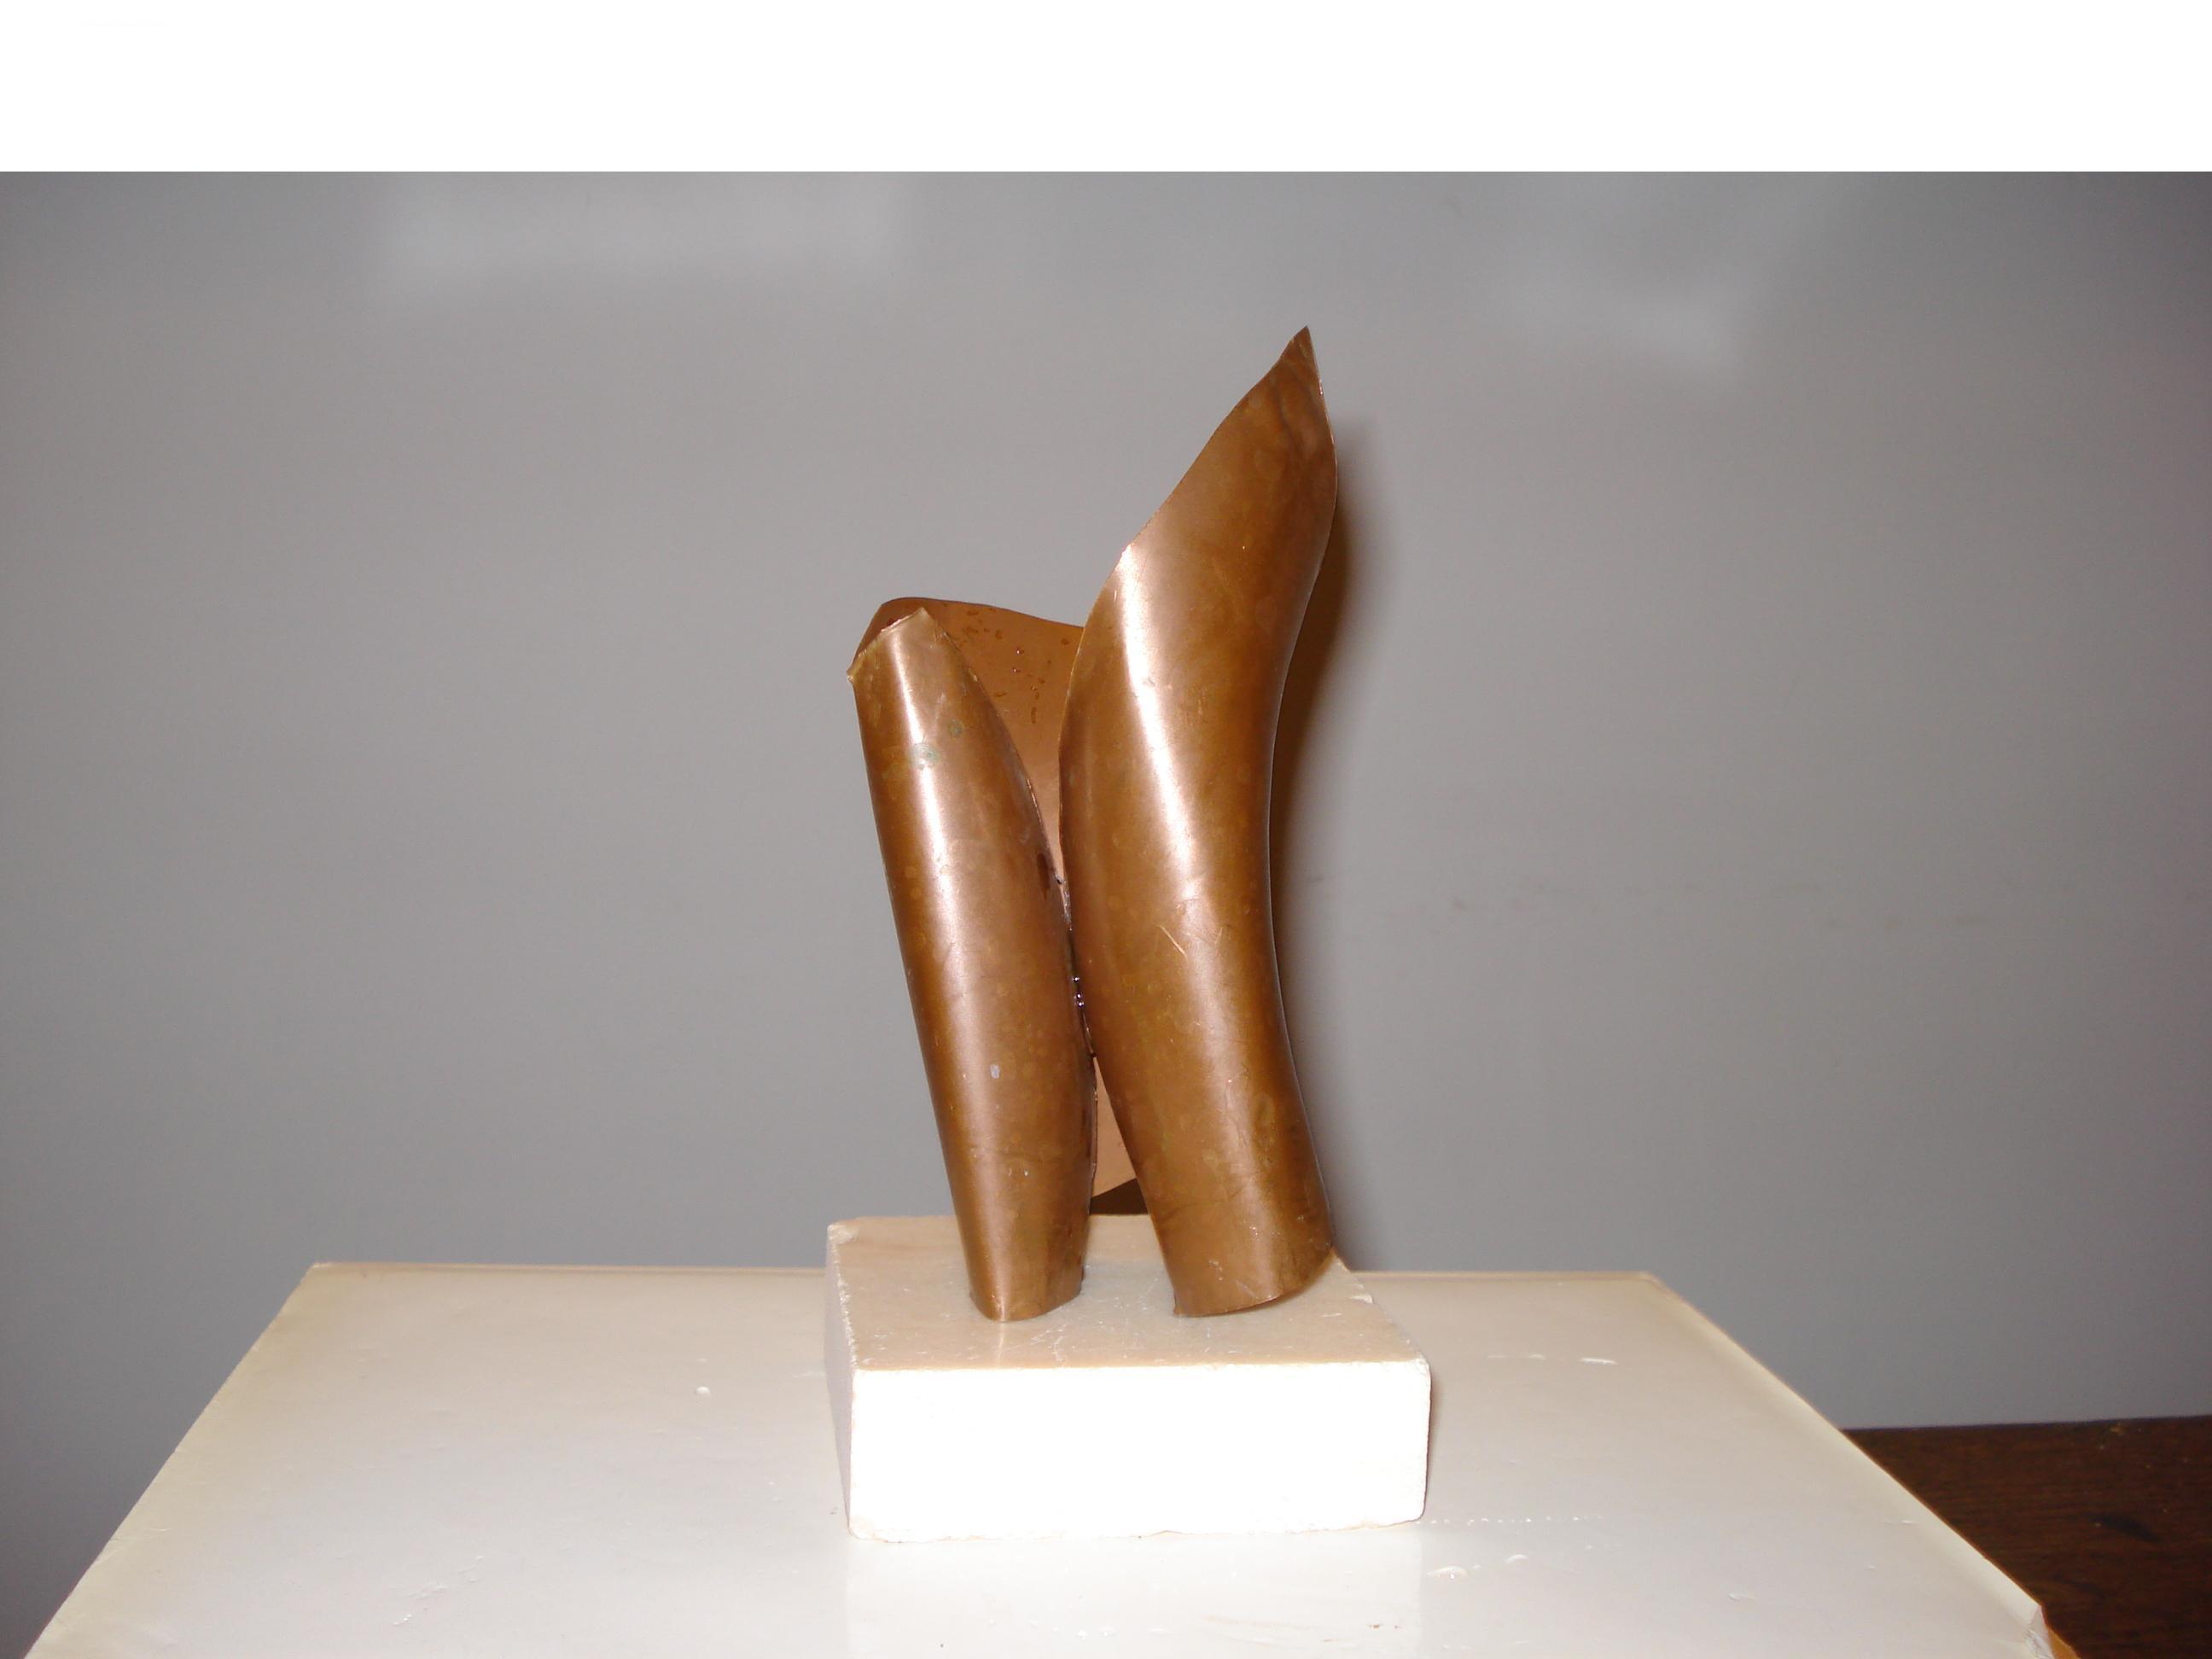 Alessandro Corsani - categoria over 25, Fiore di Calla, 2013, lamiera di rame, cm 18 x 7 x 5